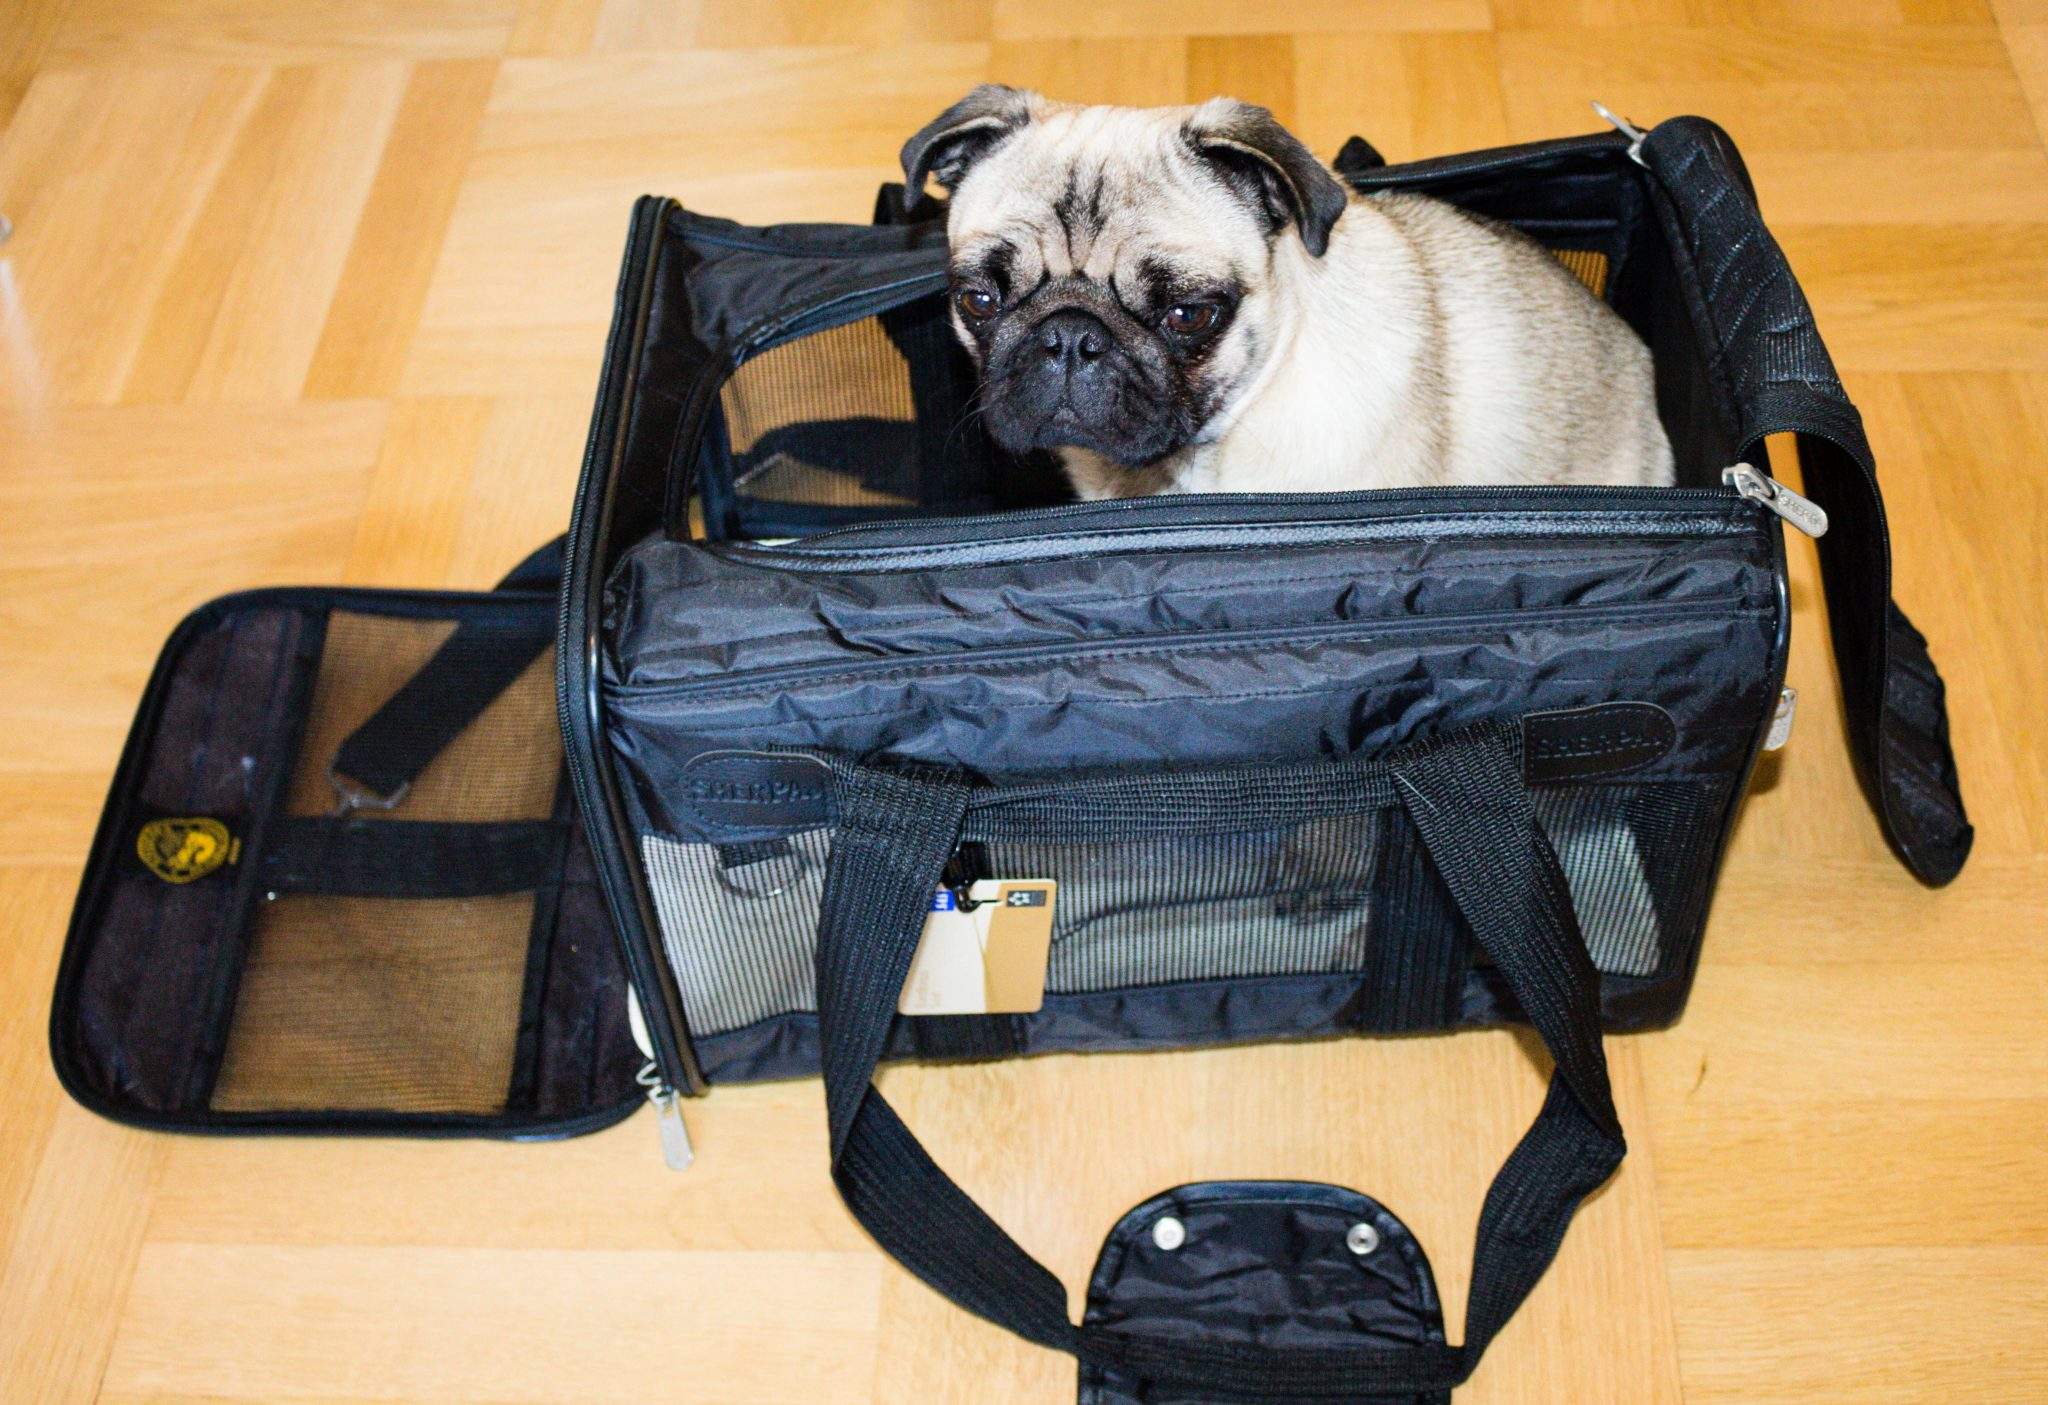 Transportväskor och Transportburar till Hundar som ska Flyga